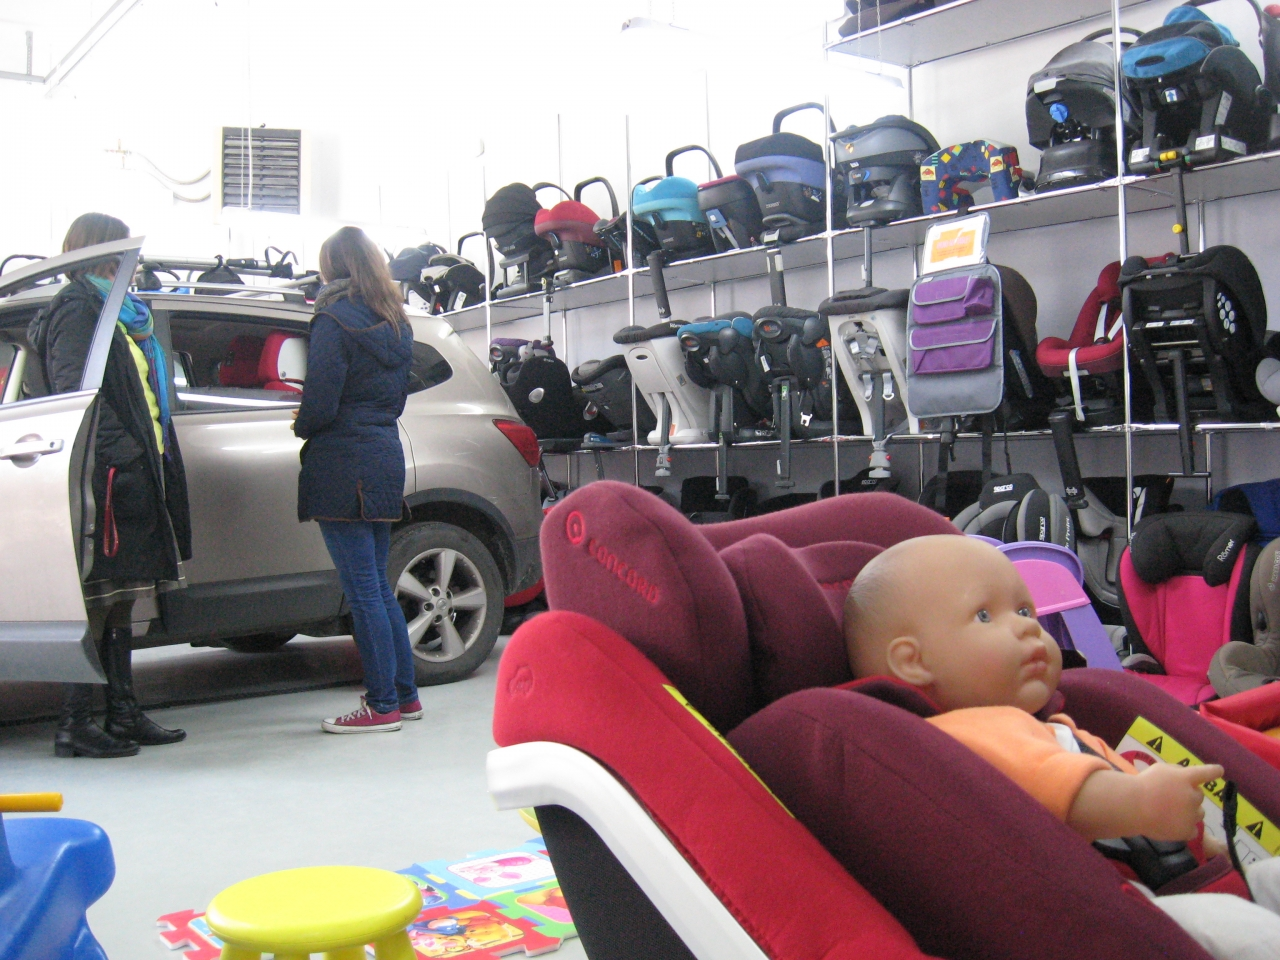 Do obszernego garażu wjadą aż trzy auta jednocześnie, jest jasny, oświetlony i odpowiednio ogrzany